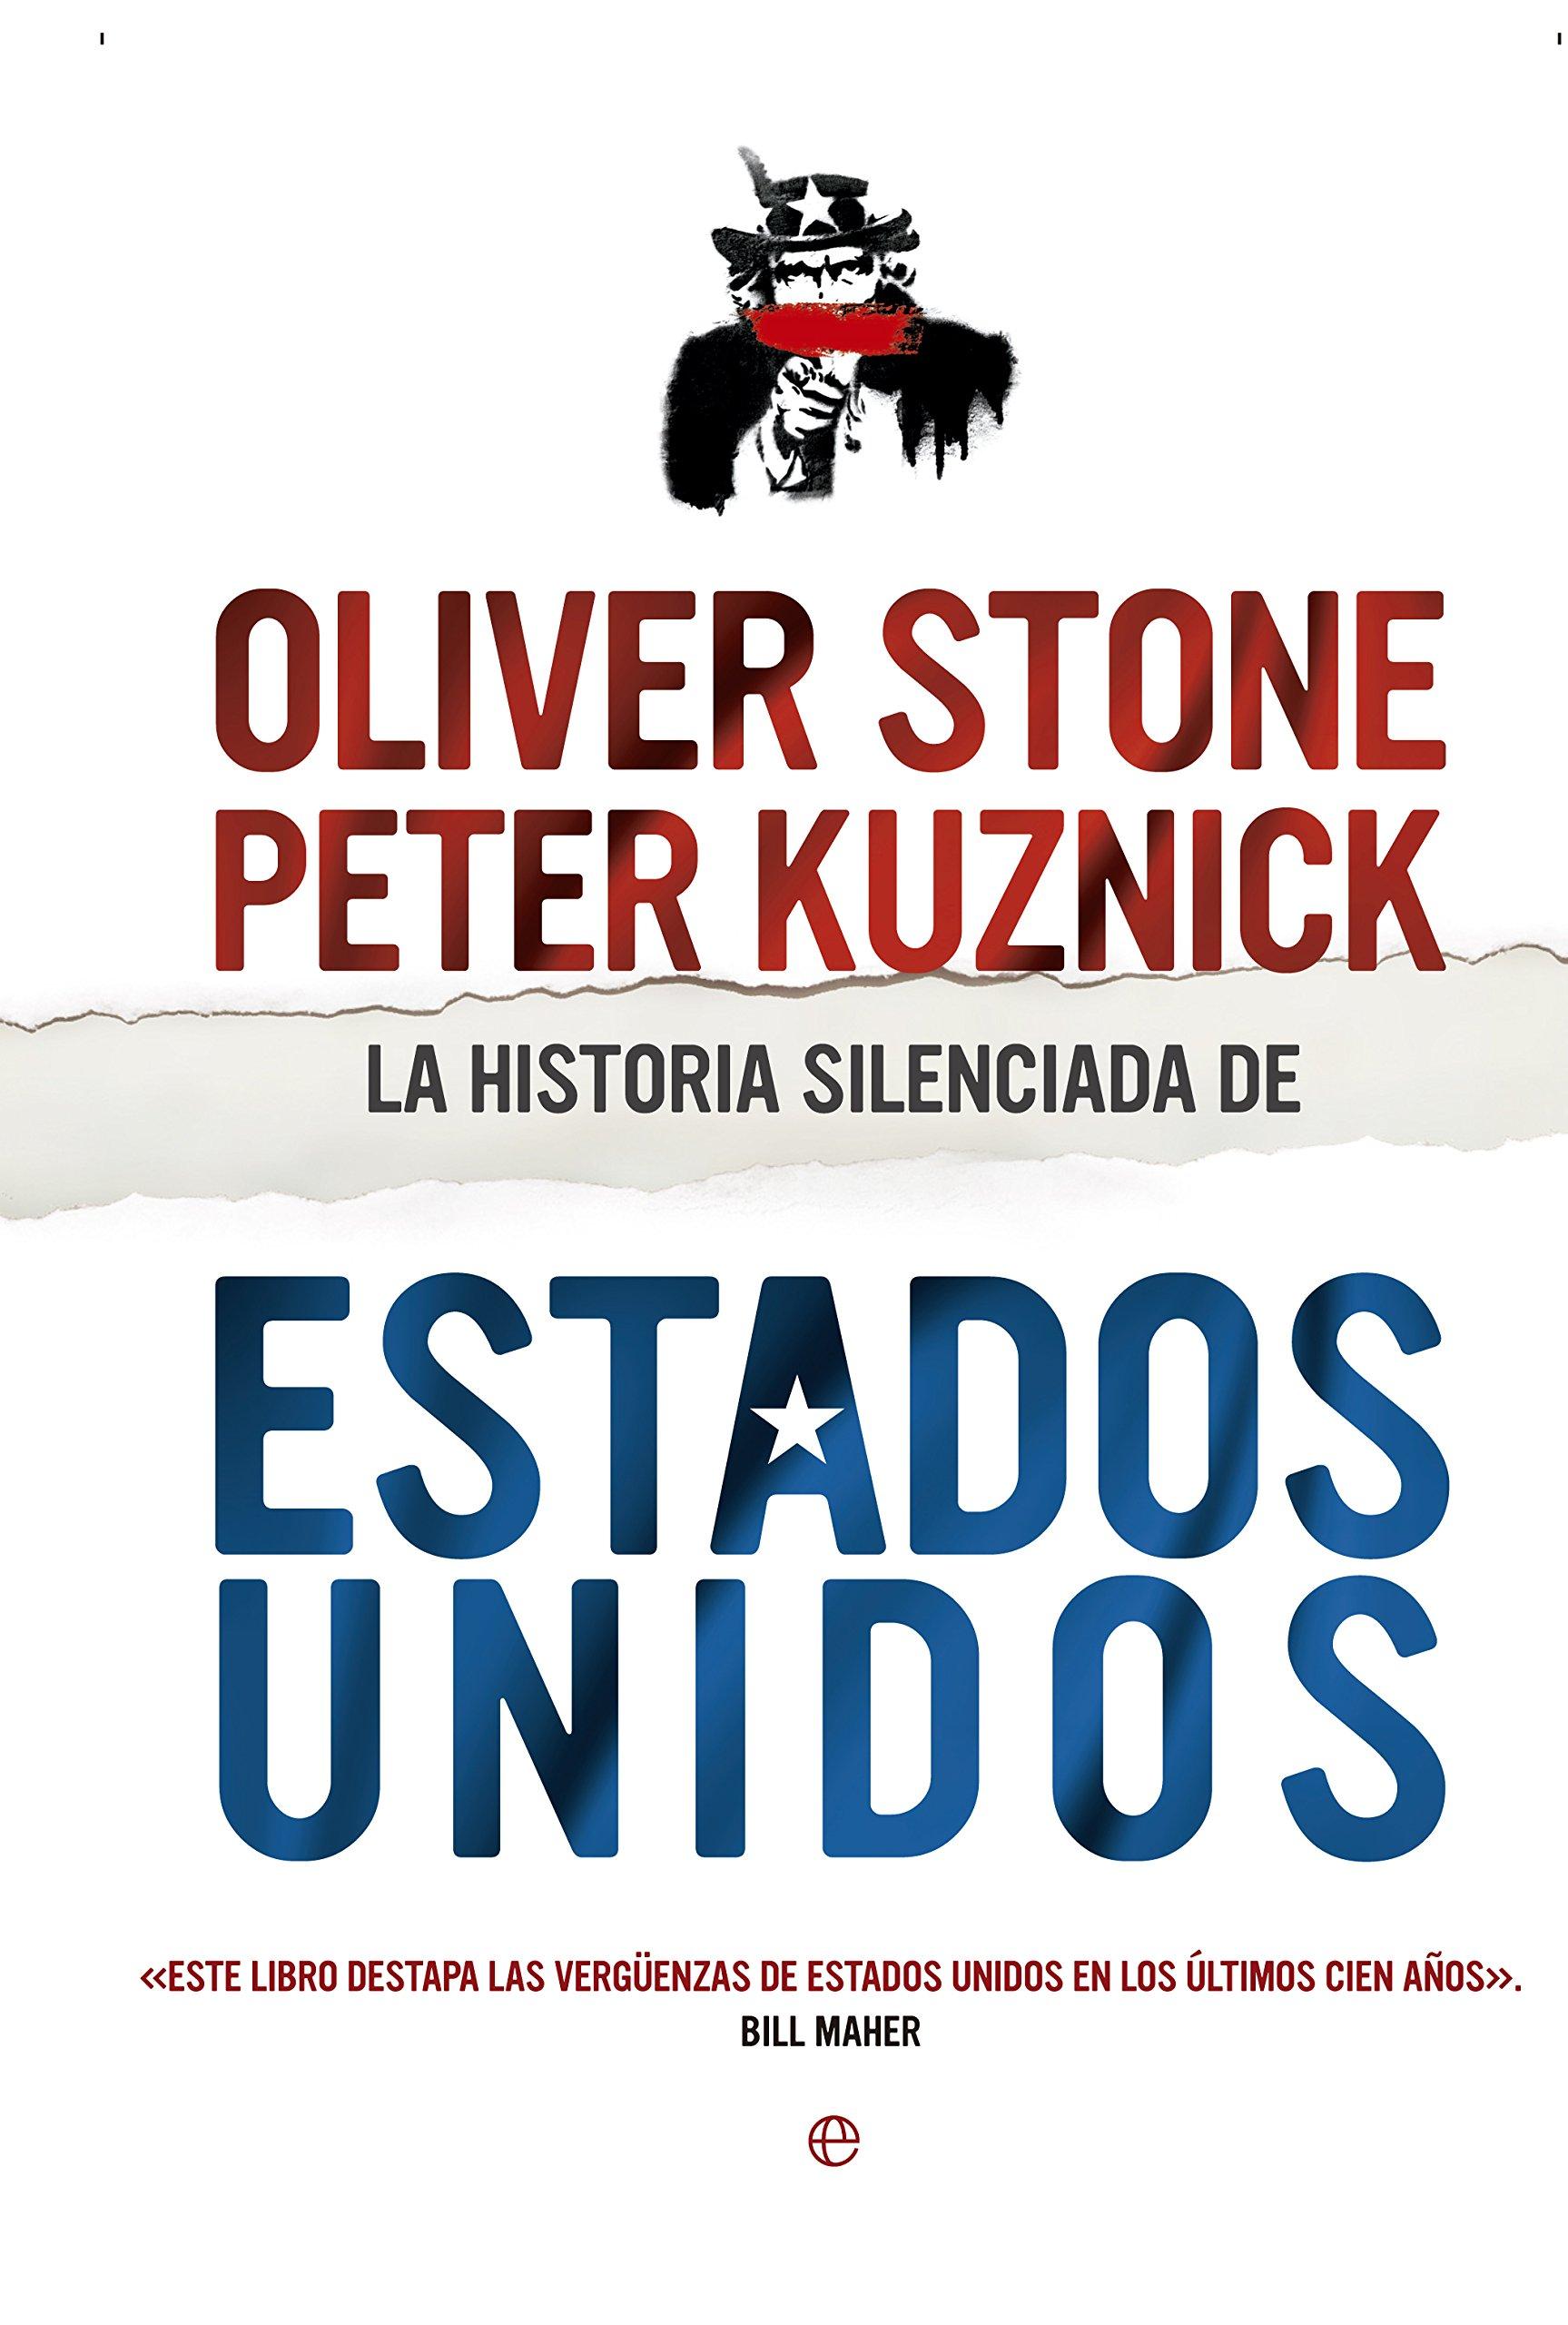 La historia silenciada de Estados Unidos: Amazon.es: Oliver Stone, Peter Kuznick, Amado Diéguez Rodríguez: Libros